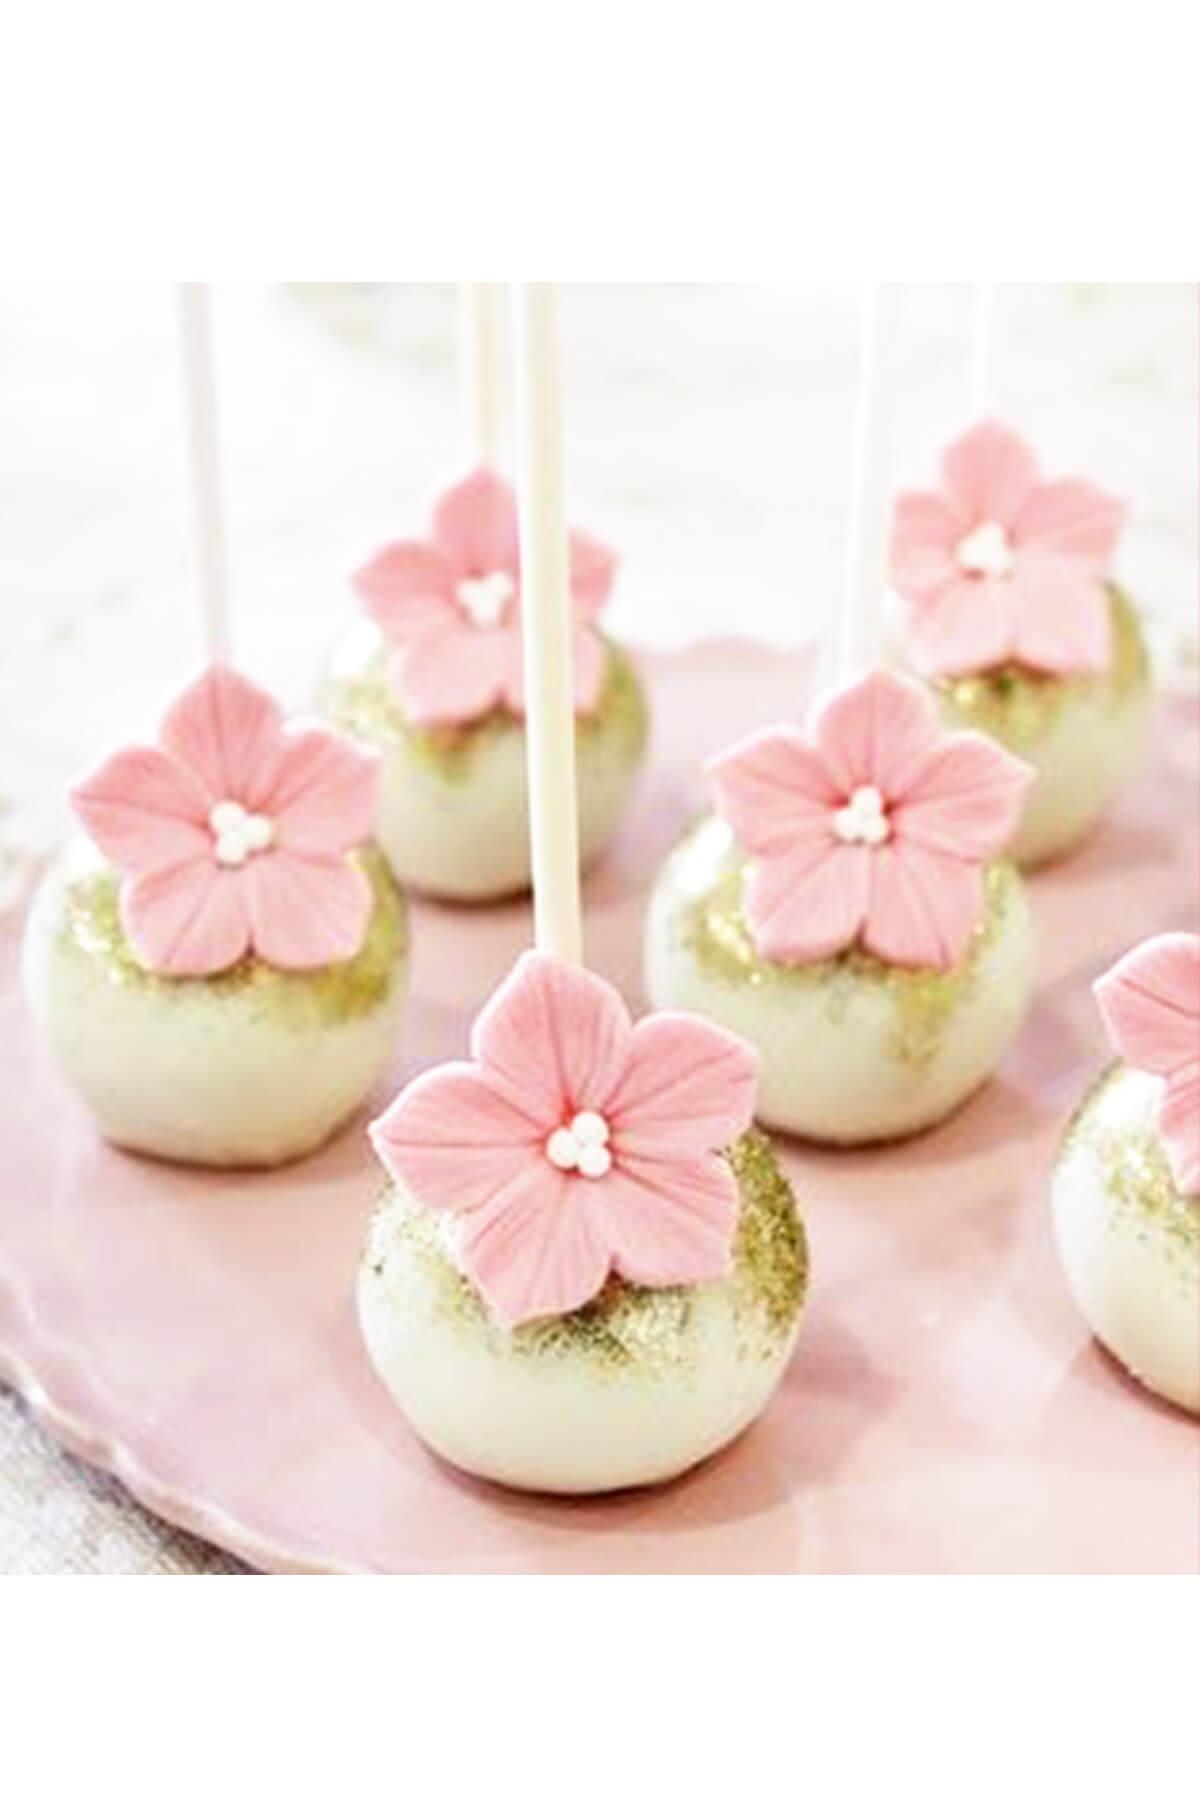 Bánh Cakepop trang trí hình hoa nhẹ nhàng và tinh tế